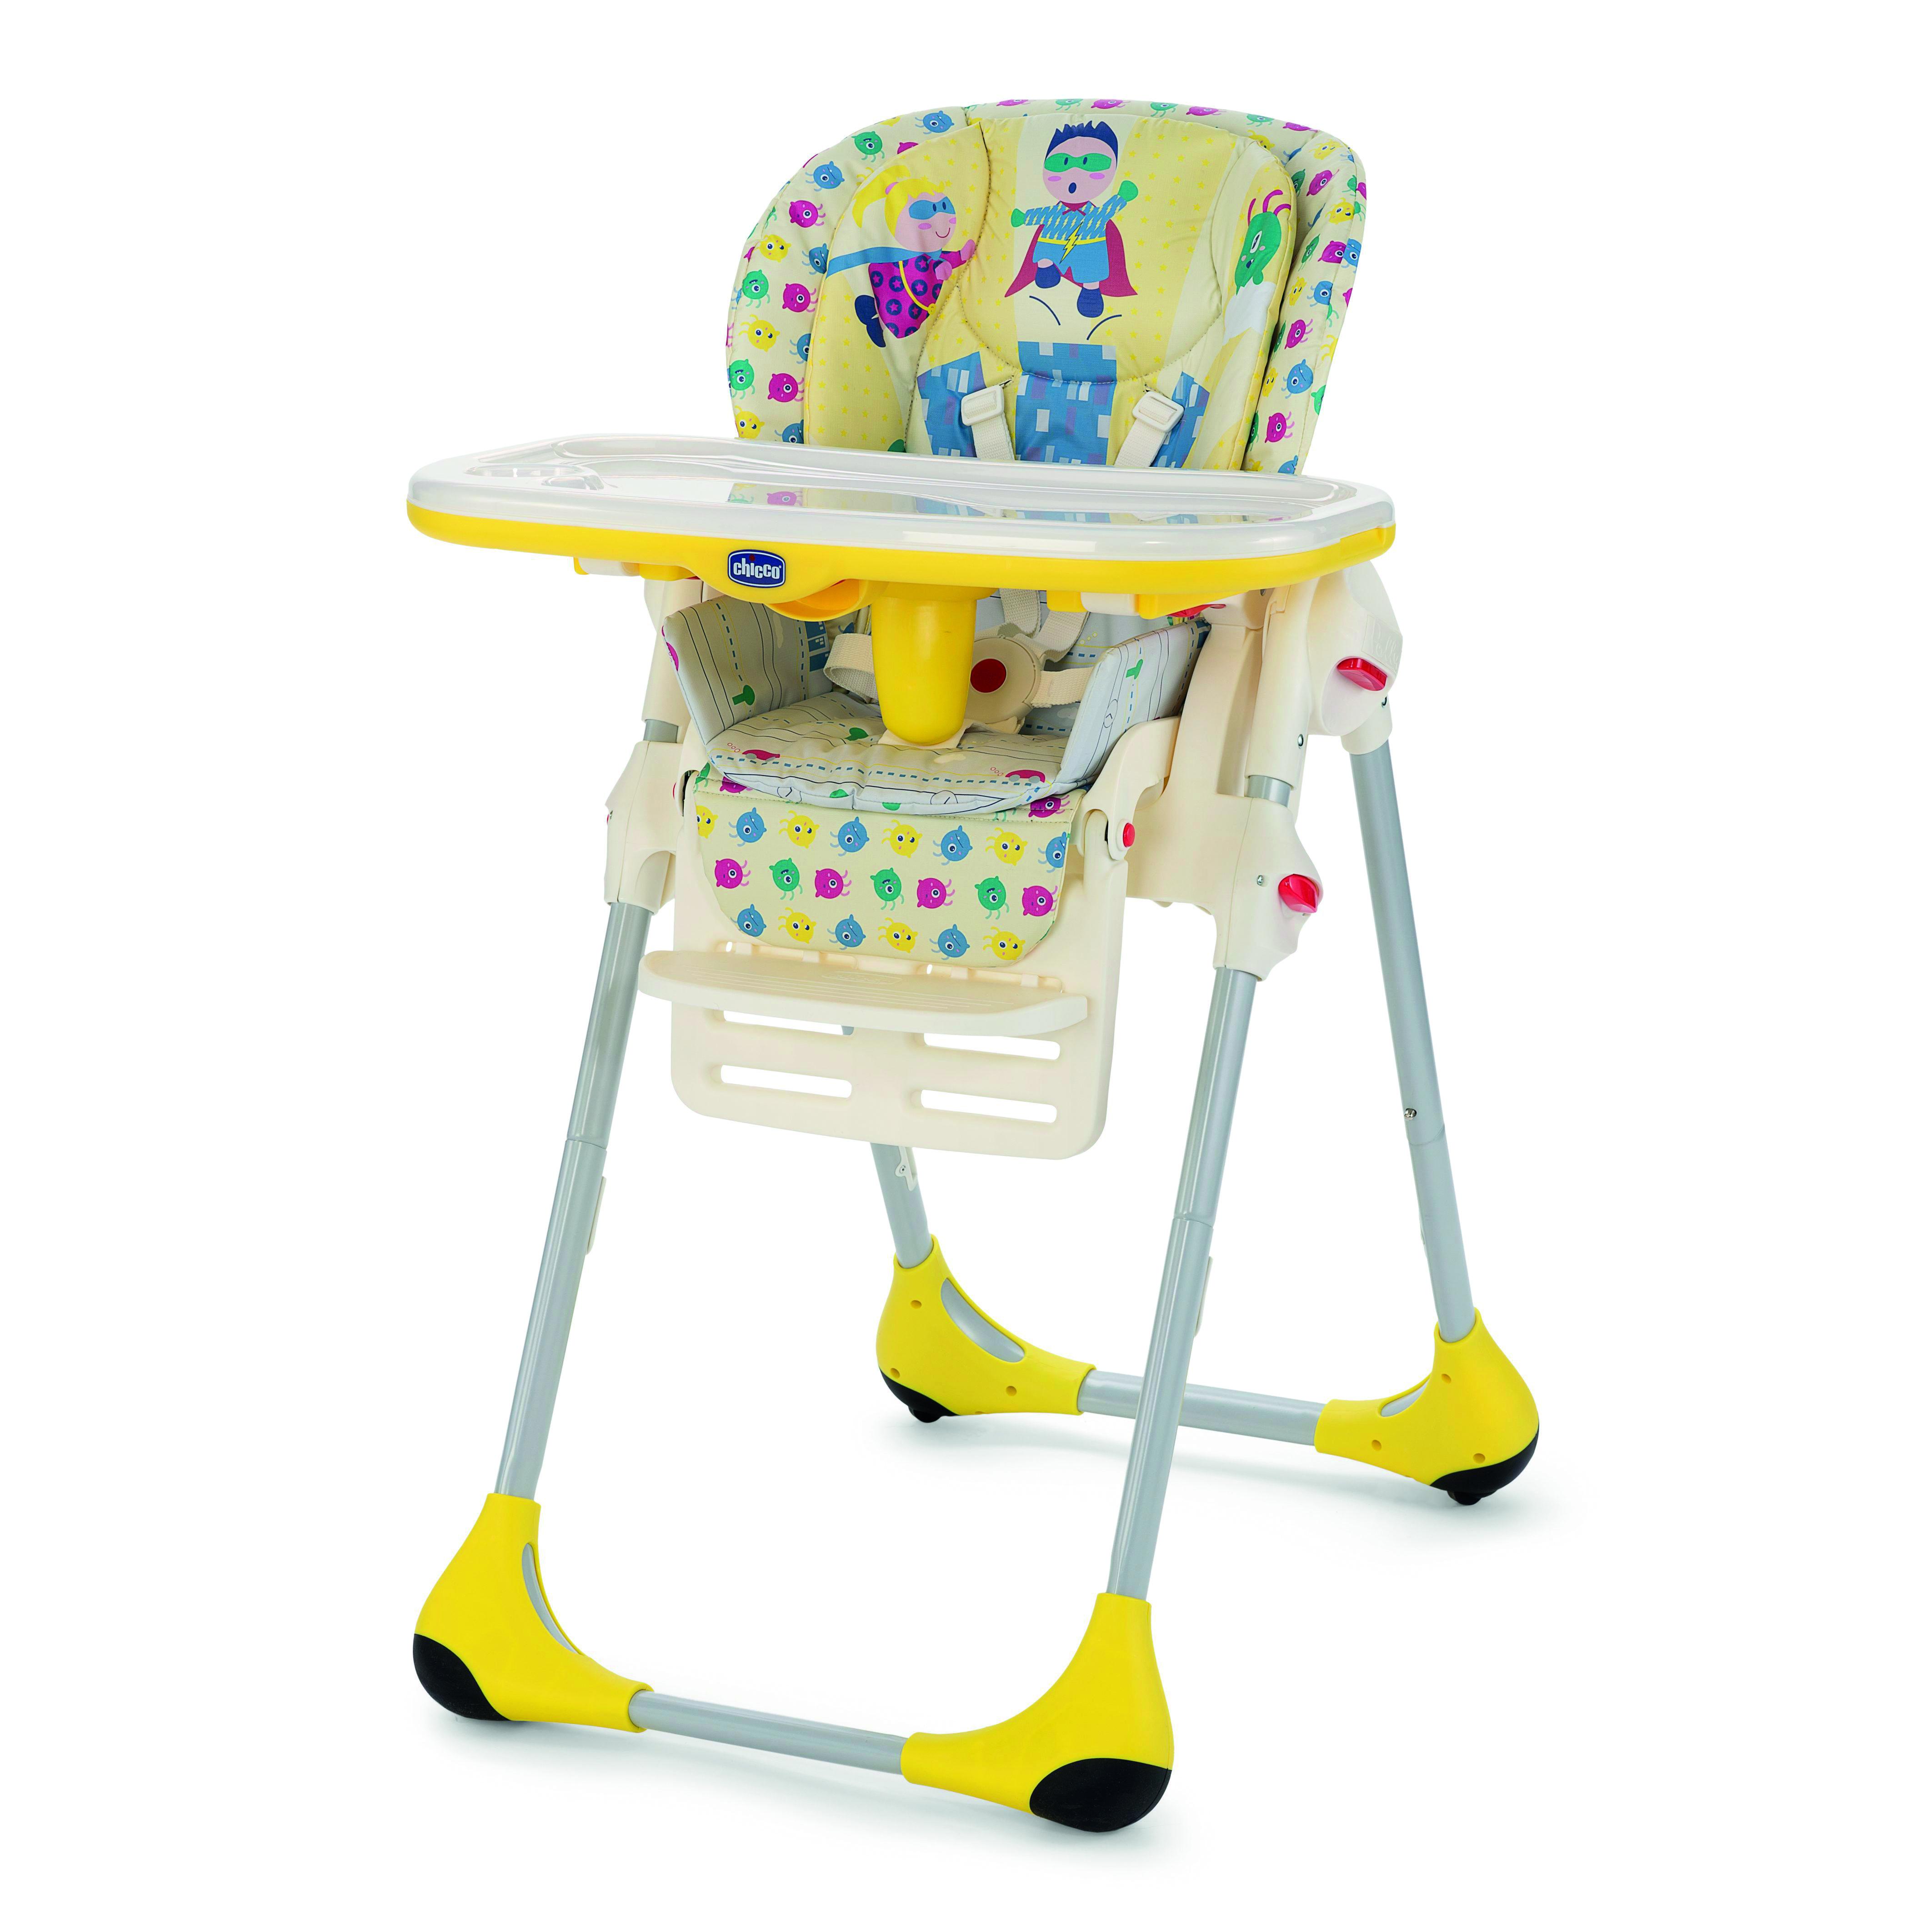 Chaise Haute Polly 2 En 1 De Chicco Chaise Haute Chaise Haute Bebe Chaise